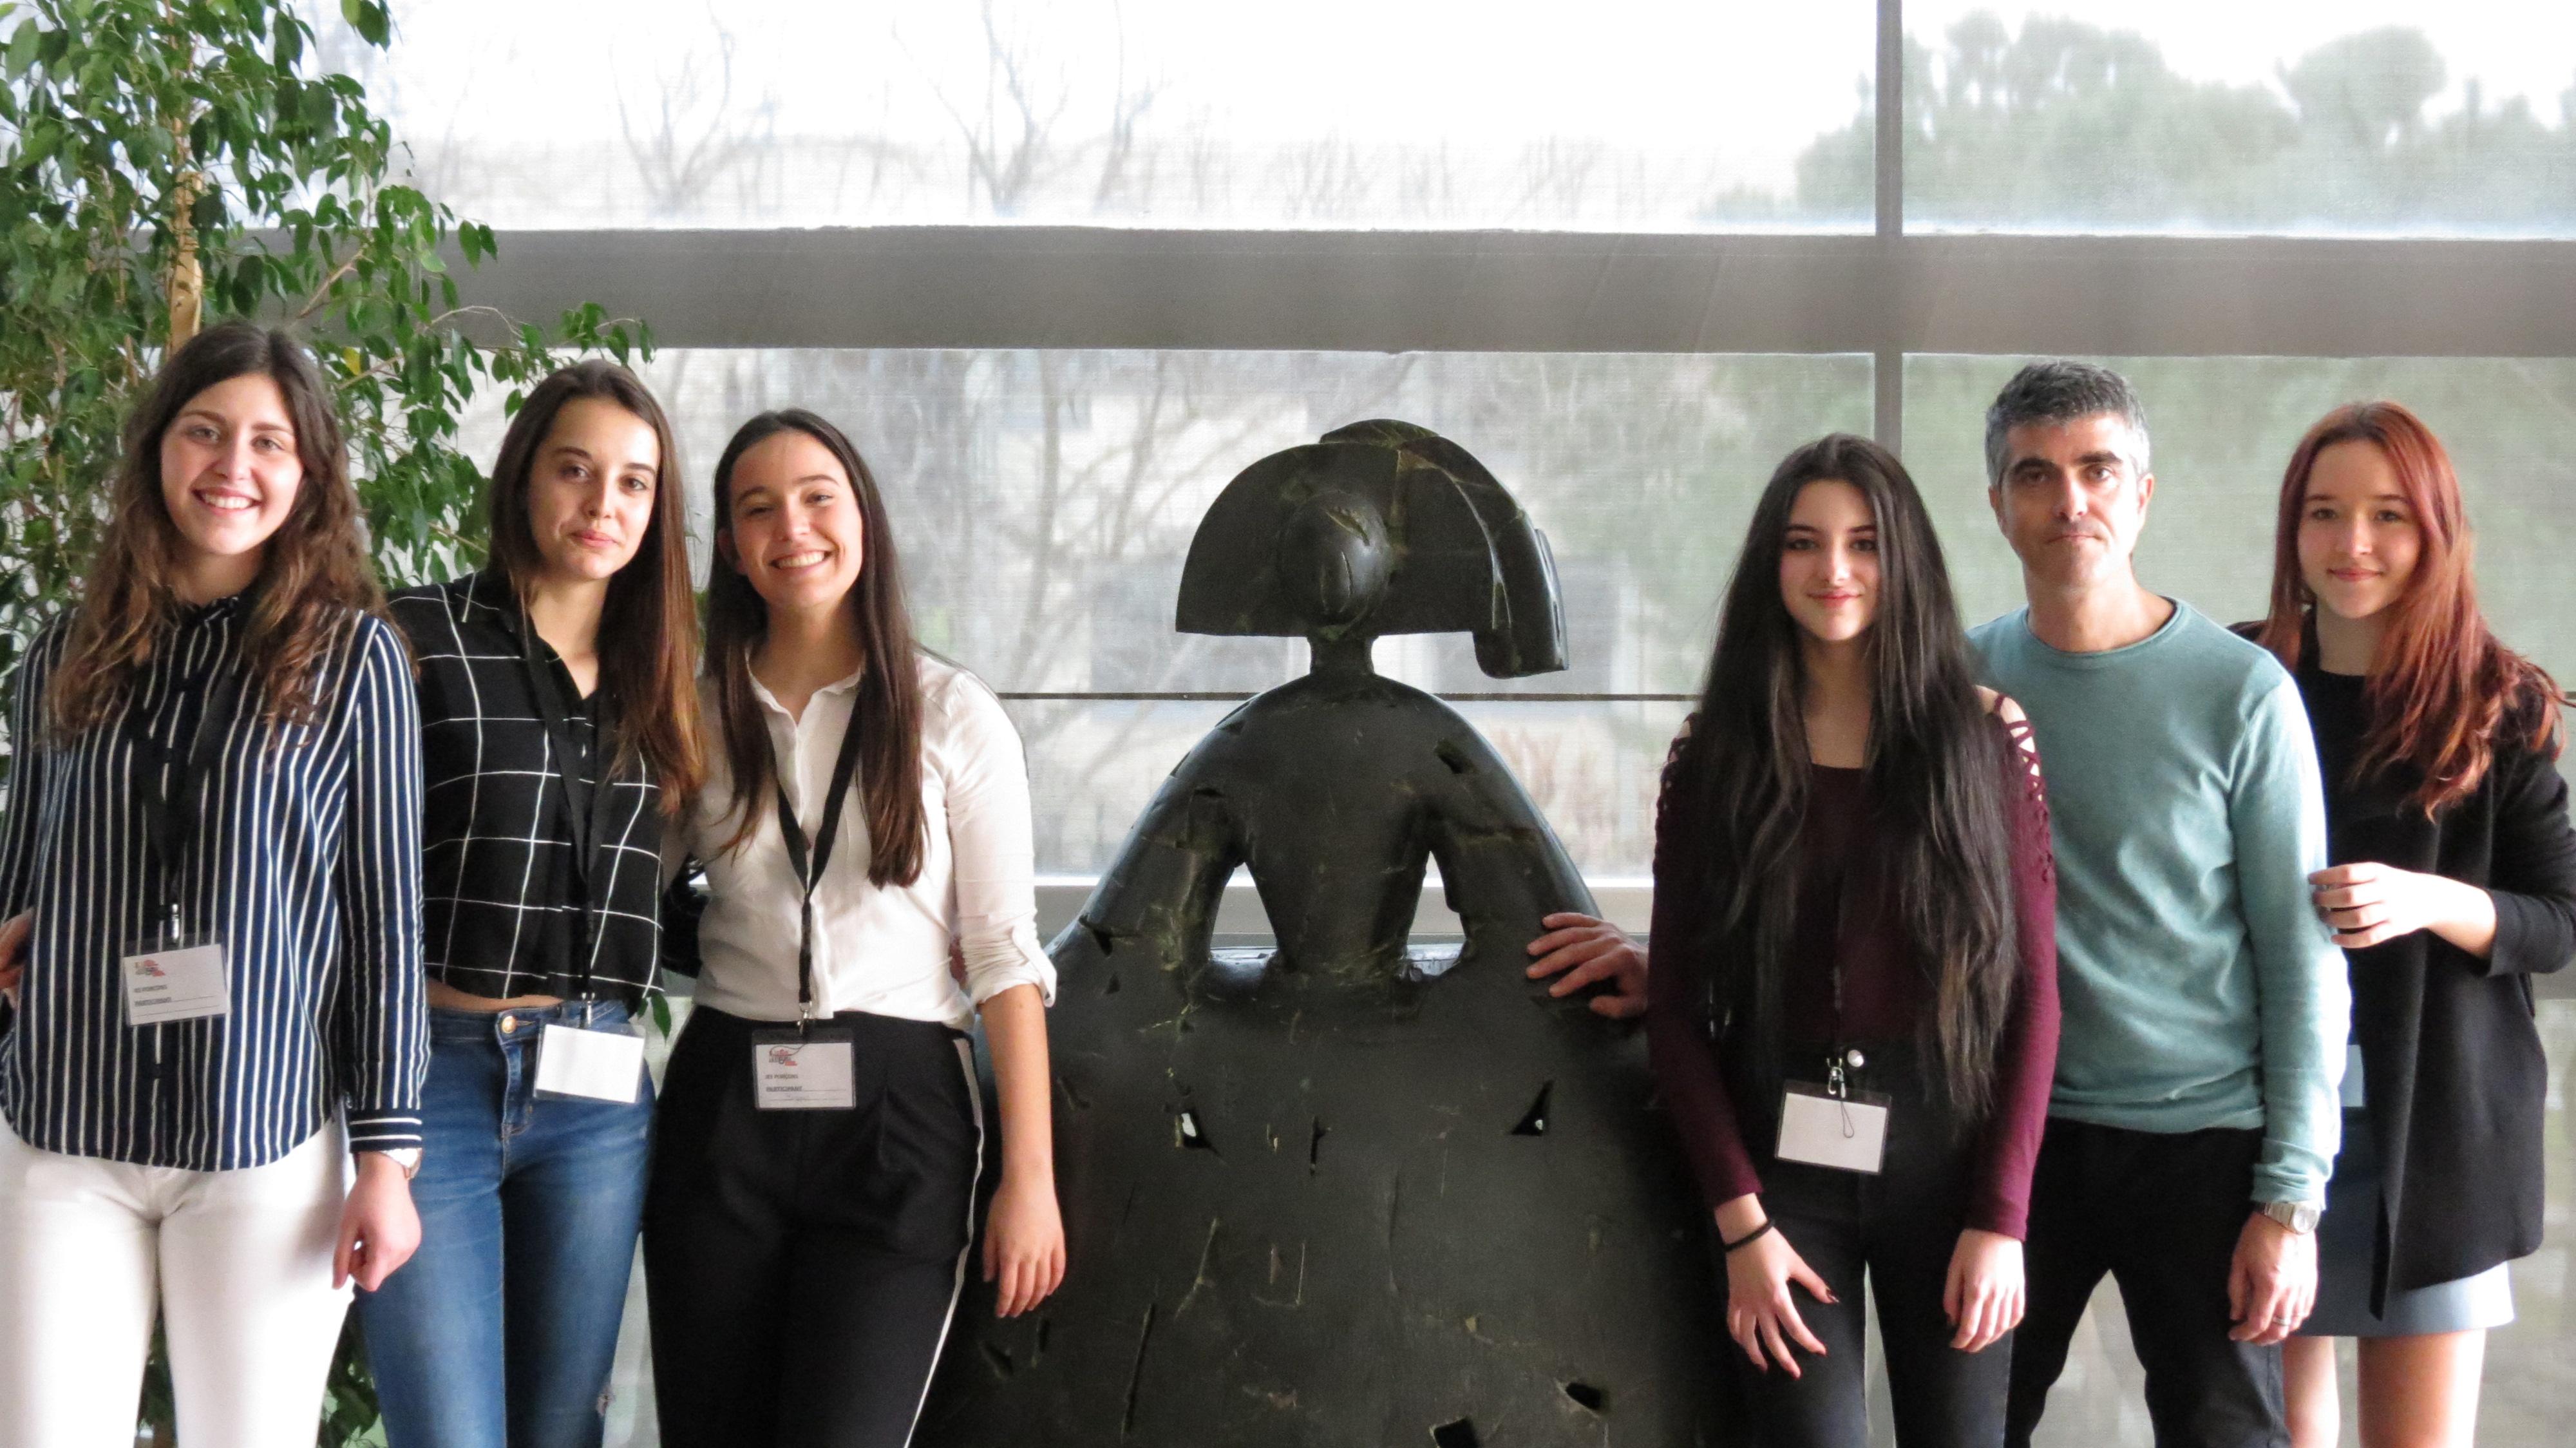 L'equip de l'IES Porçons (Aielo de Malferit) guanya la fase local de la Lliga de Debat de Secundària i Batxillerat de la Xarxa Vives a la Universitat Politècnica de València.